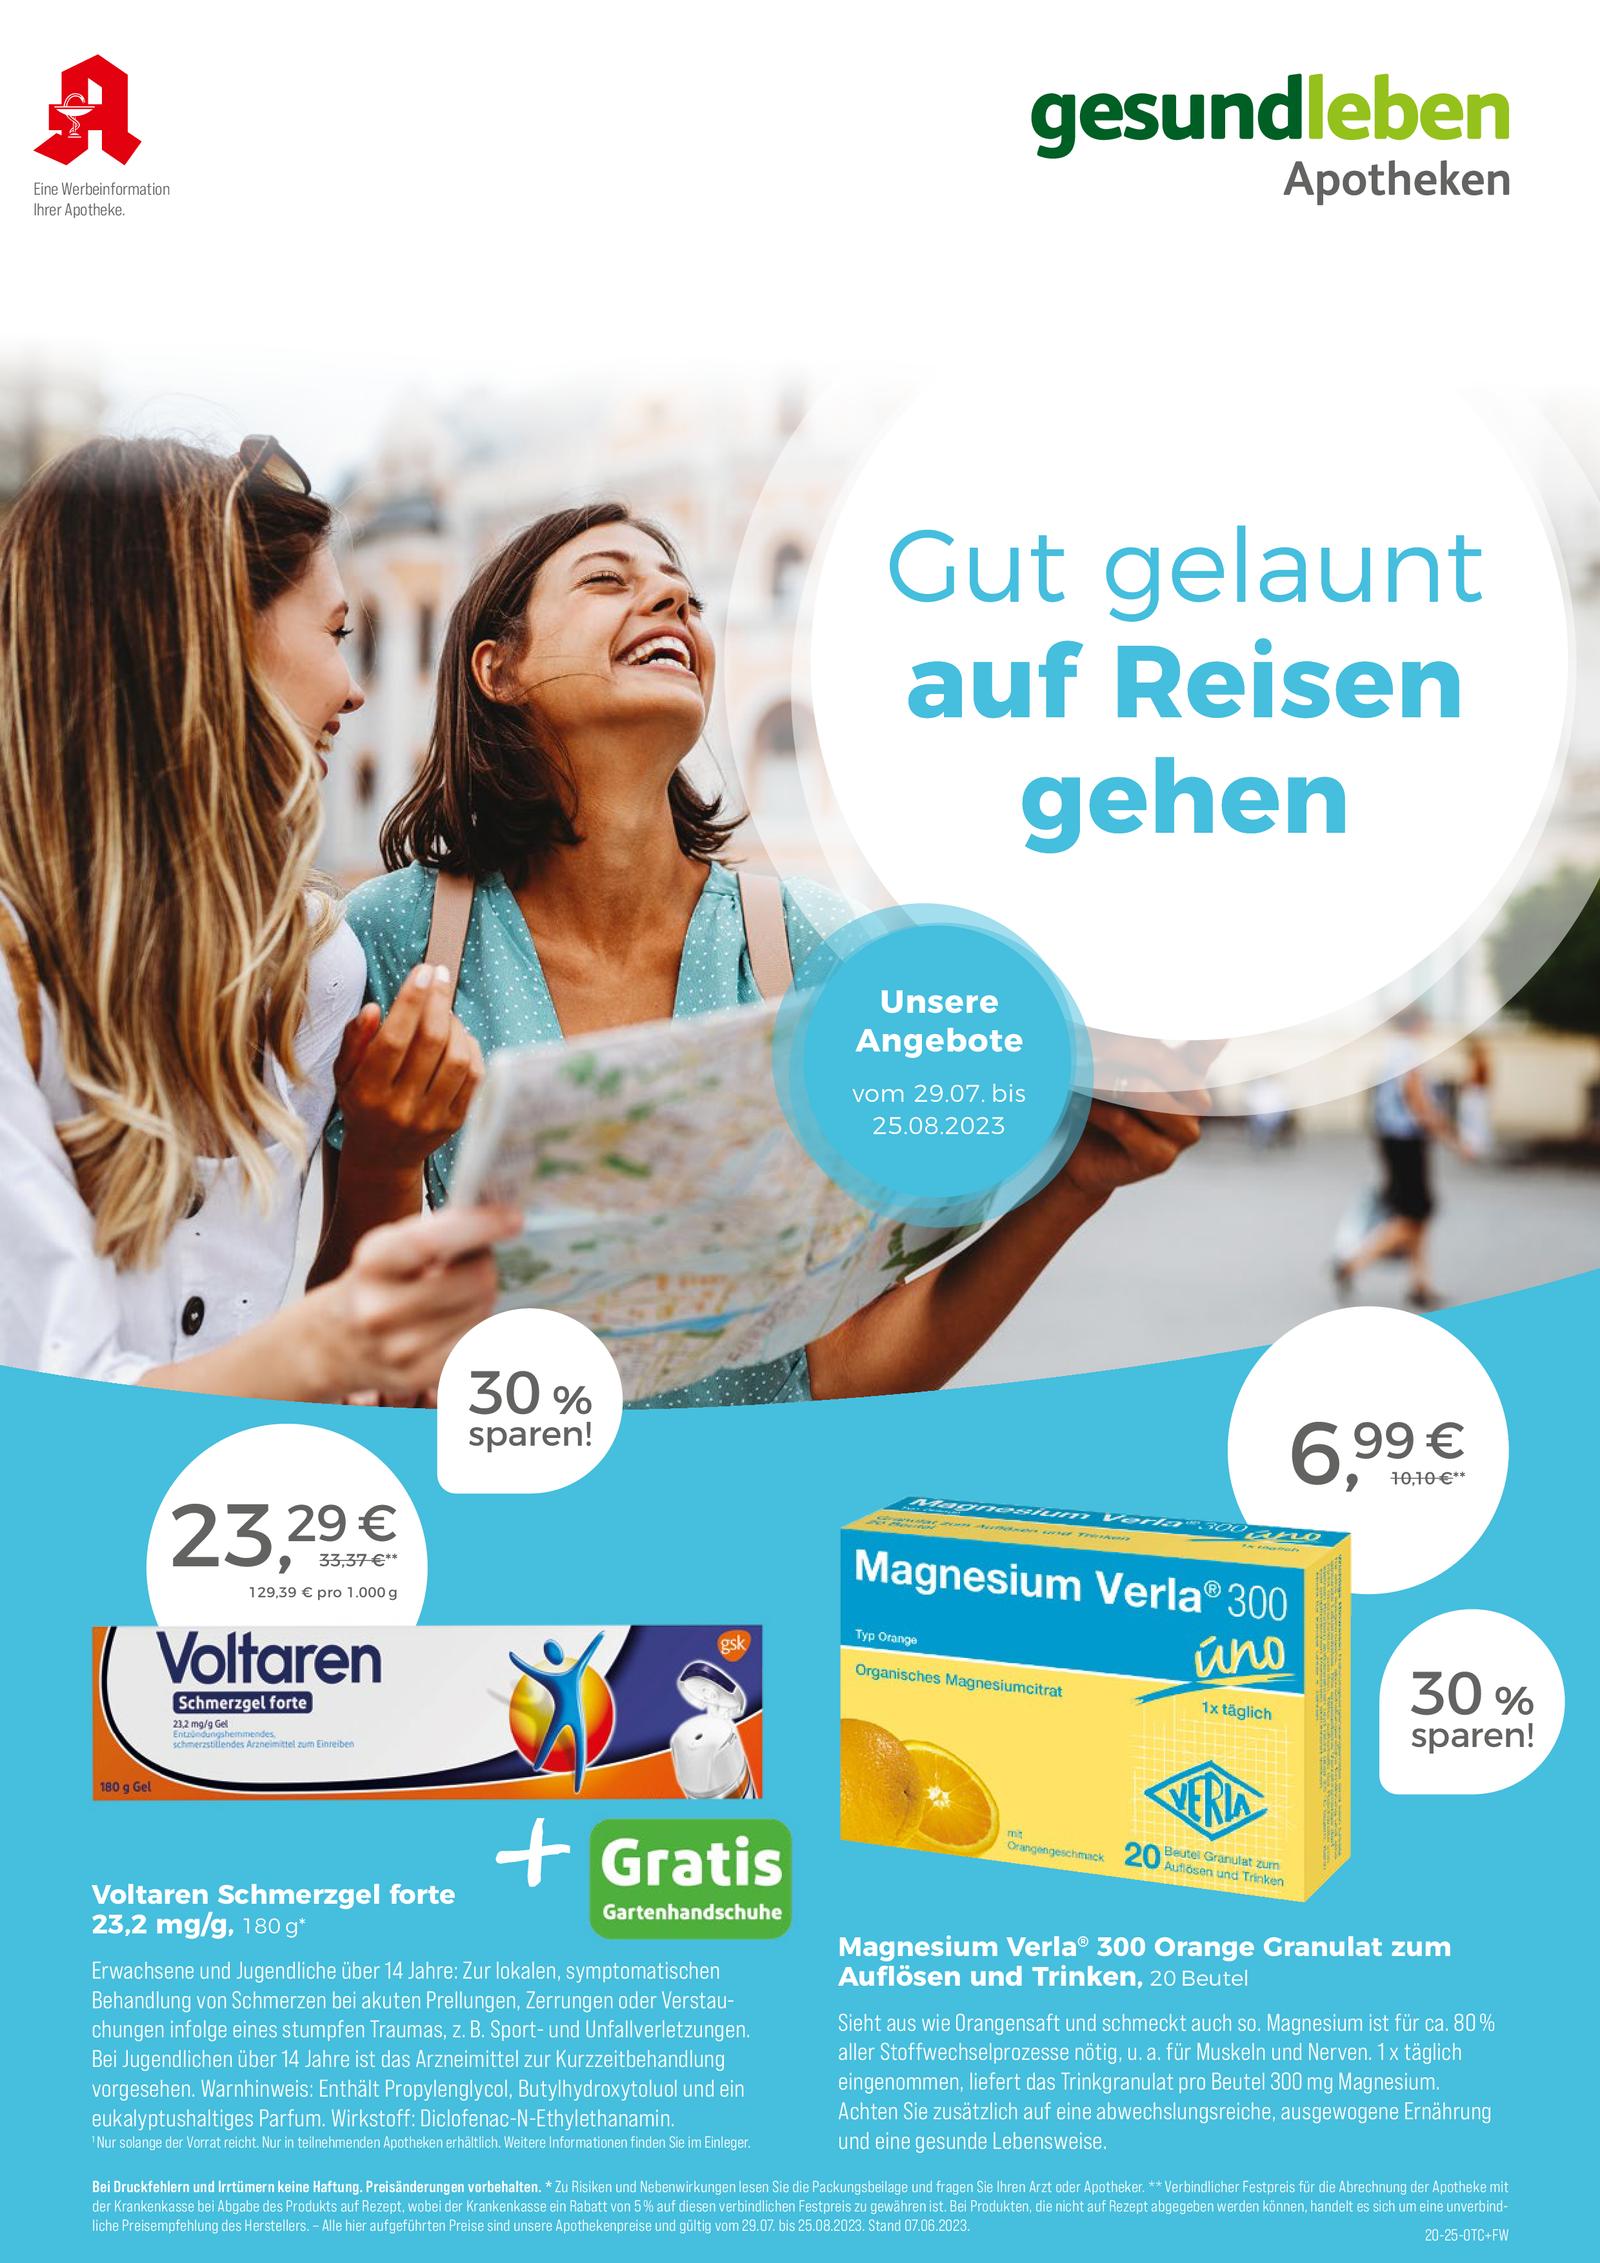 https://mein-uploads.apocdn.net/18379/leaflets/gesundleben_mittel-Seite1.png